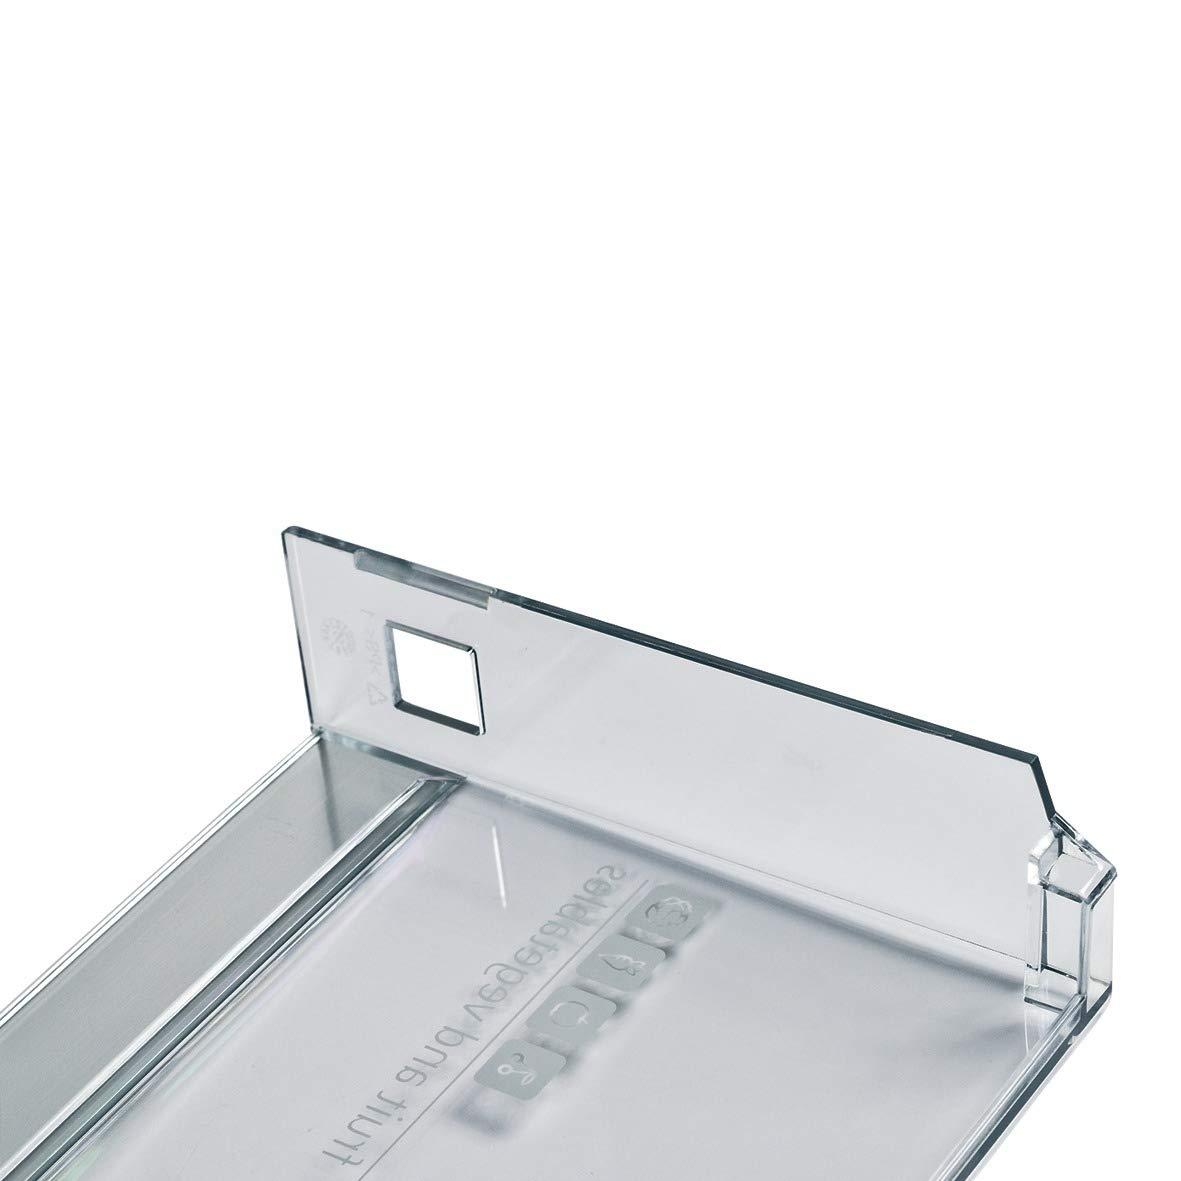 Bosch Siemens 12000349 ORIGINAL Schubladenblende Schubladengriffblende Gem/üseschubfachblende Abdeckung 460x165mm K/ühlschrank K/ühlautomat auch Neff Balay Constructa